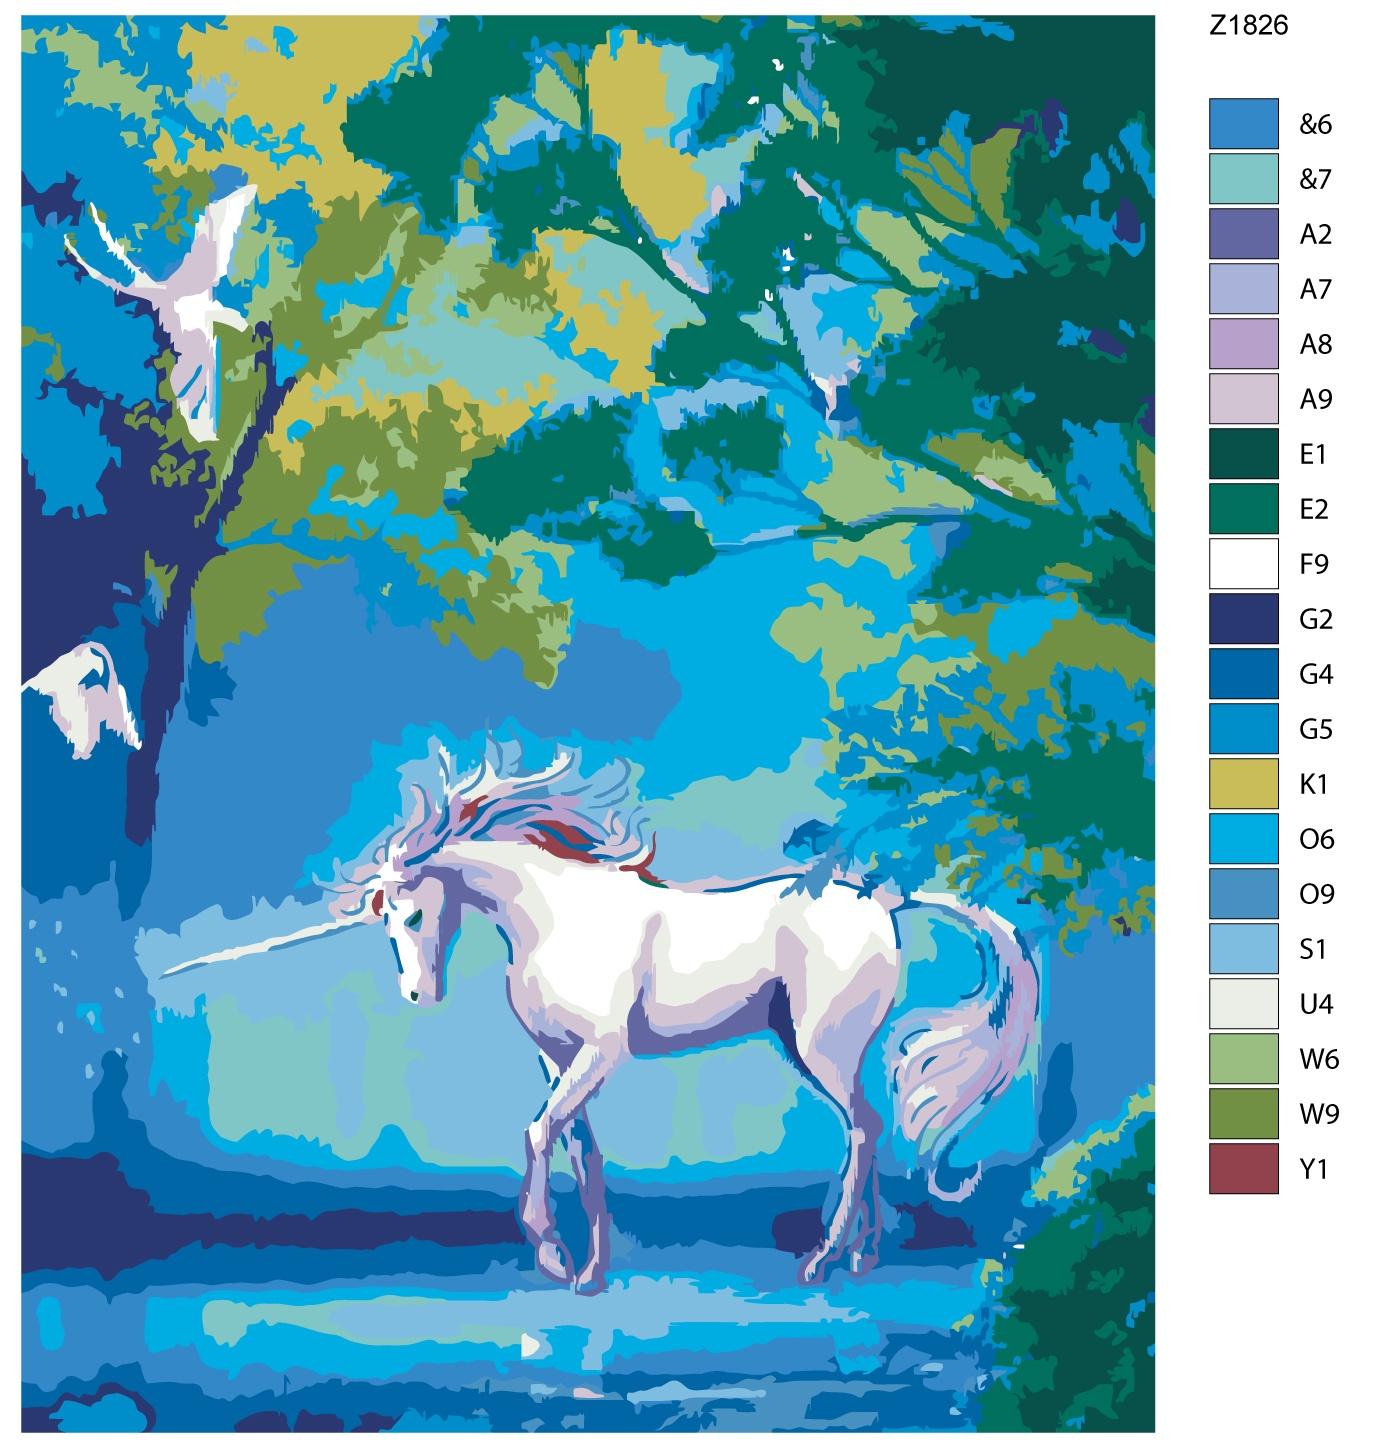 Картина по номерам, 80 x 100 см, Z1826